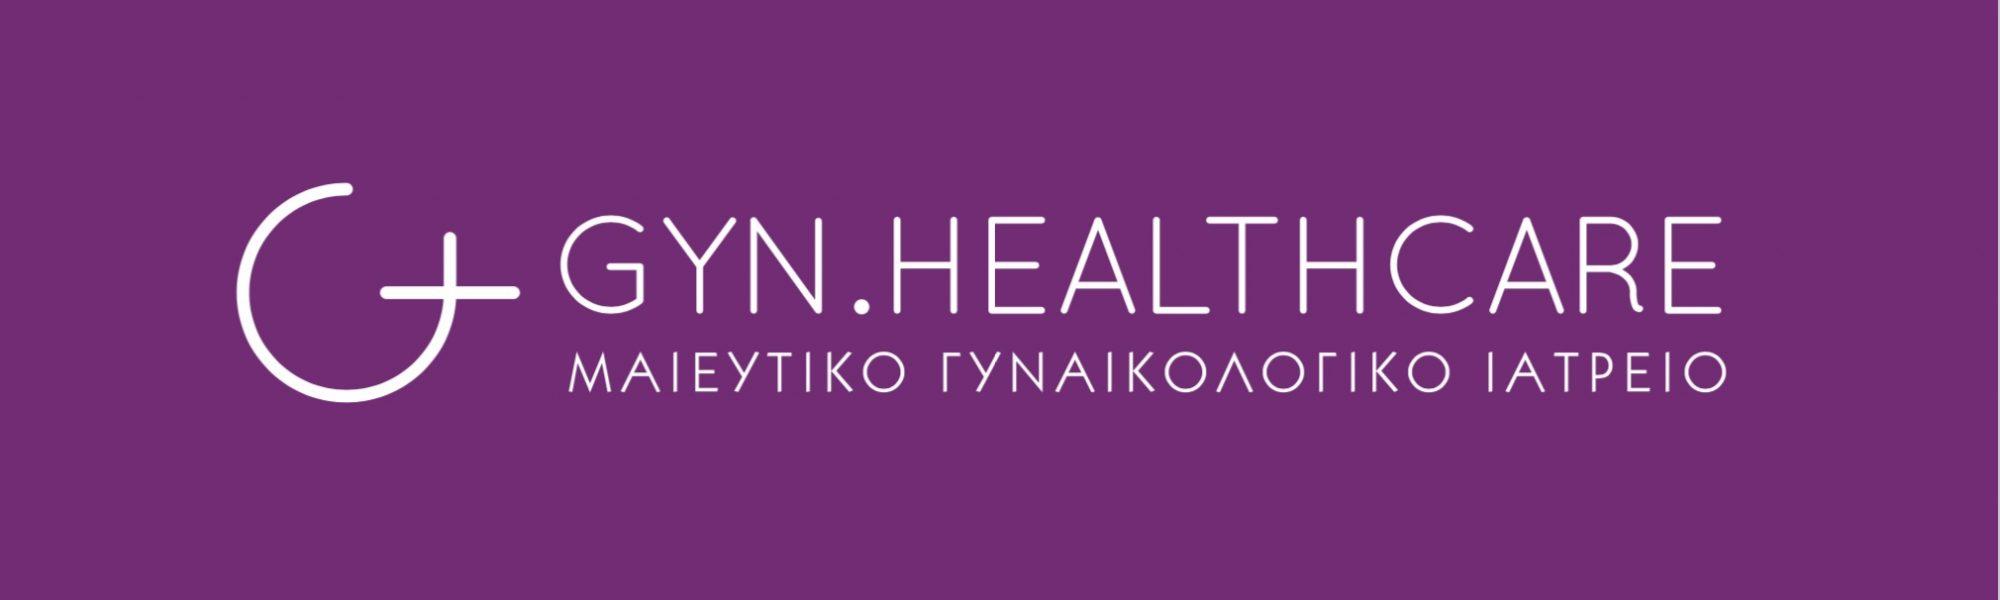 Σταύρος Νάτσης MD, MSc – Gyn.healthcare